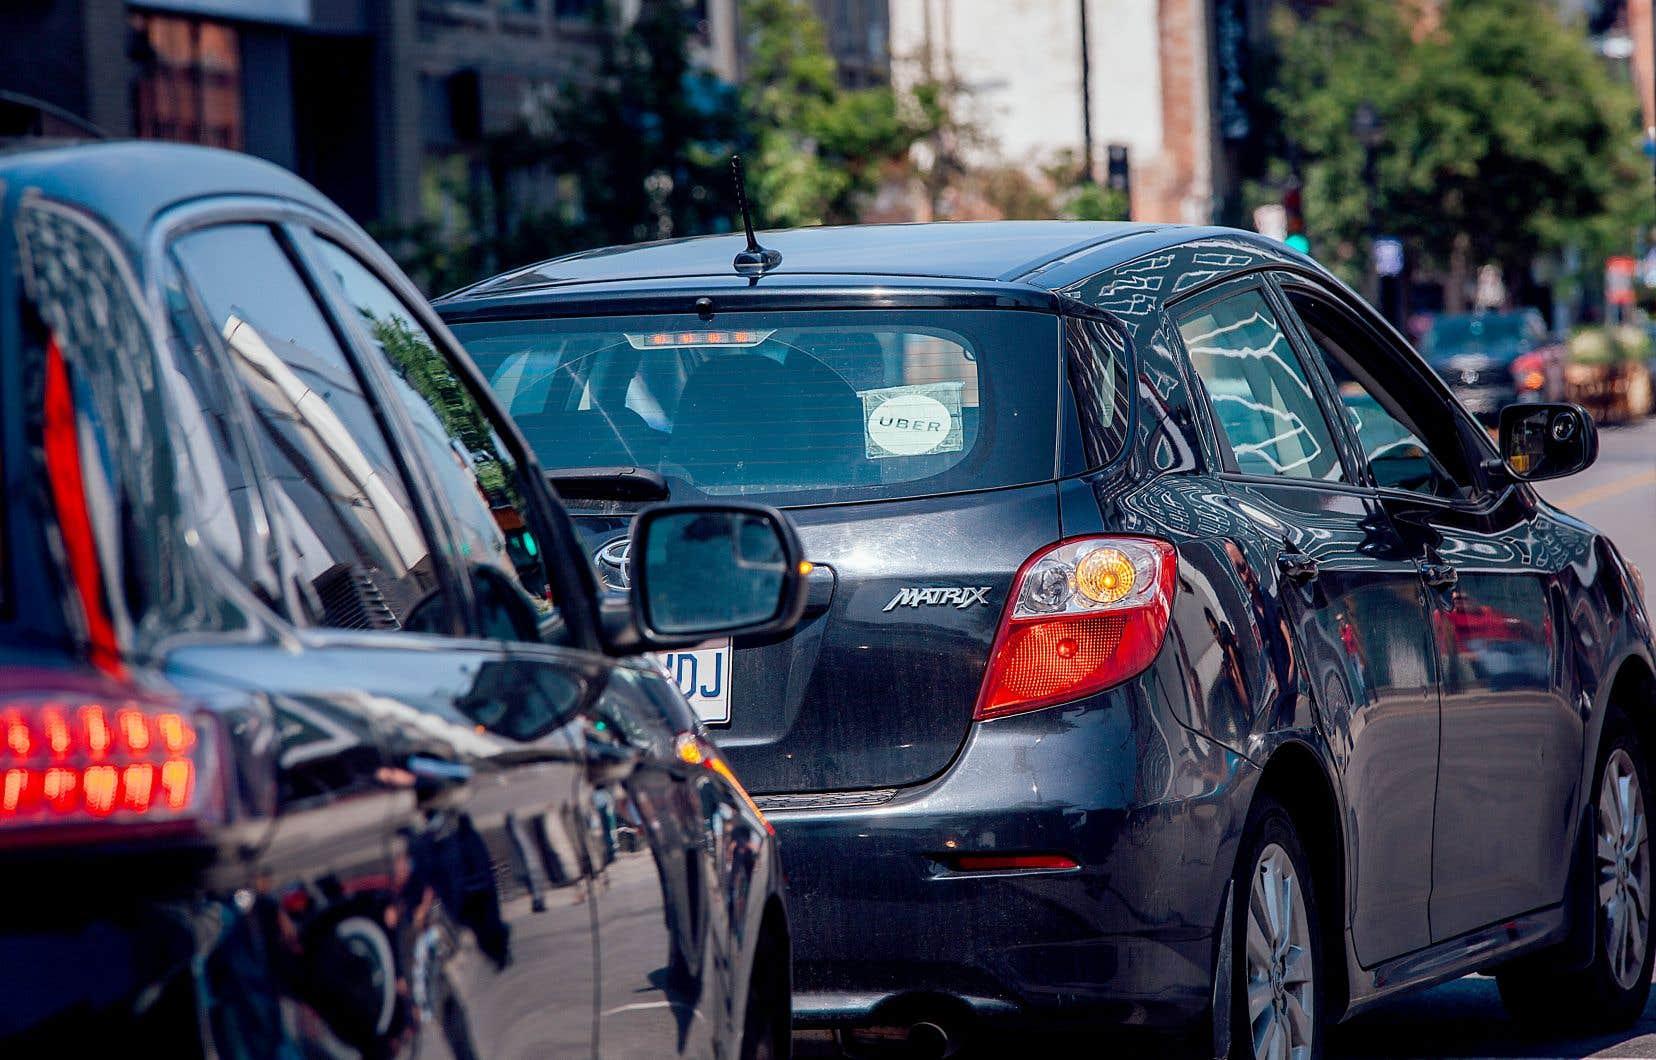 Si les données communiquées au Devoir font état d'une augmentation du revenu médian des chauffeurs, les frais afférents qu'ils doivent payer ne font pas partie du calcul d'Uber.